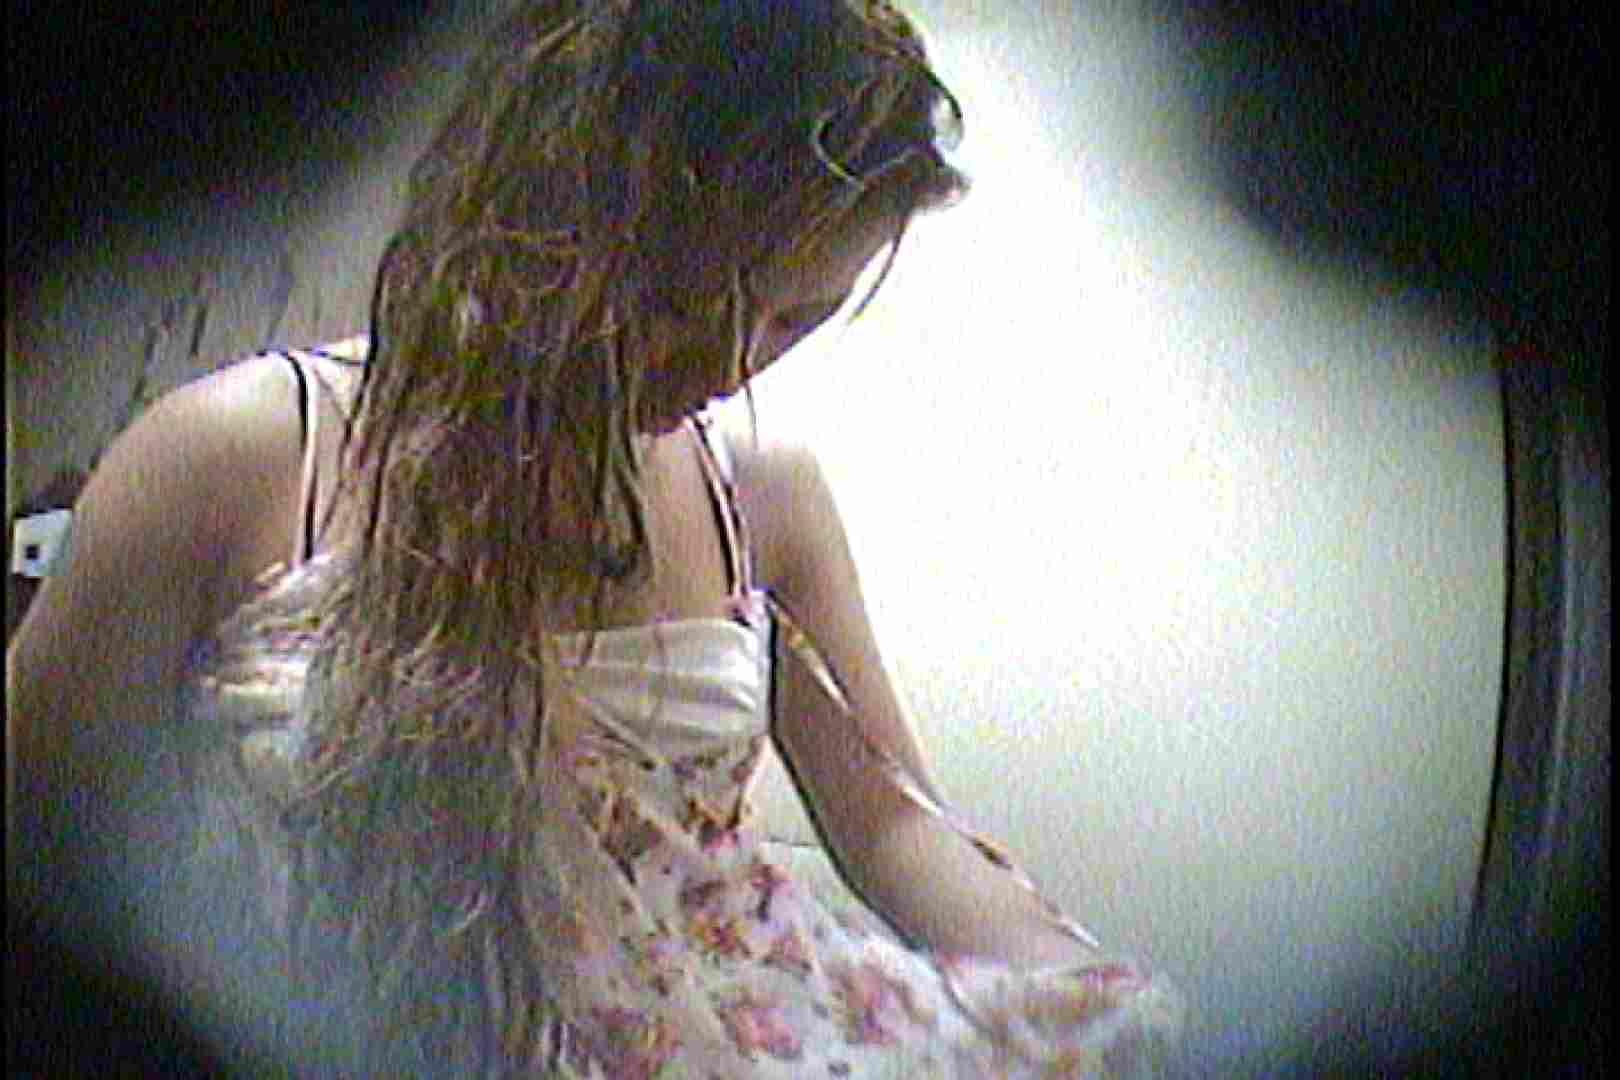 海の家の更衣室 Vol.21 美女達のヌード   シャワー中  89連発 14